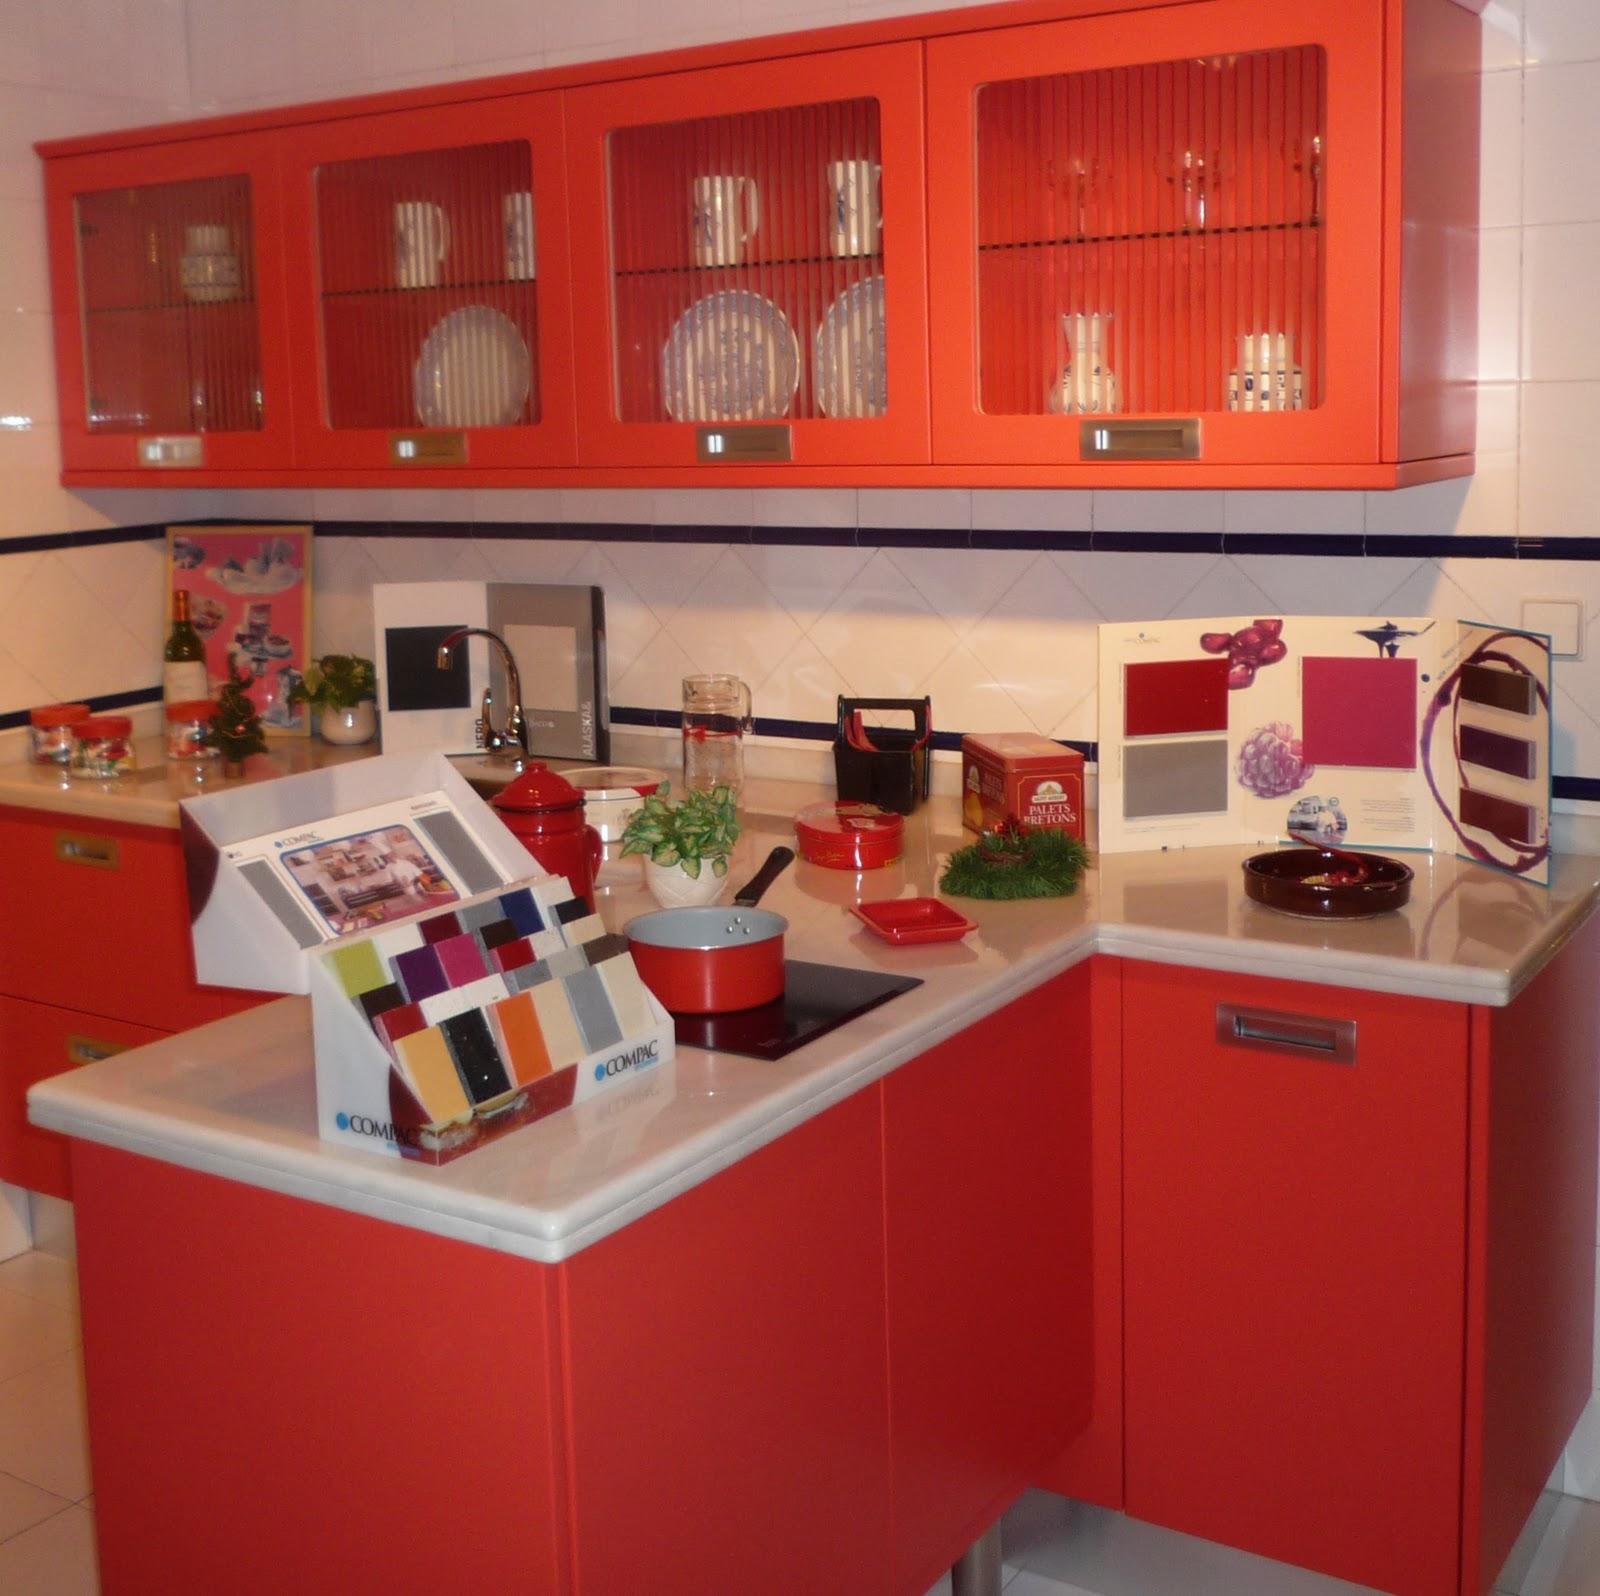 ¡Los mejores muebles de cocina! ¡El Almirez!: Fantástica cocina en El Almirez